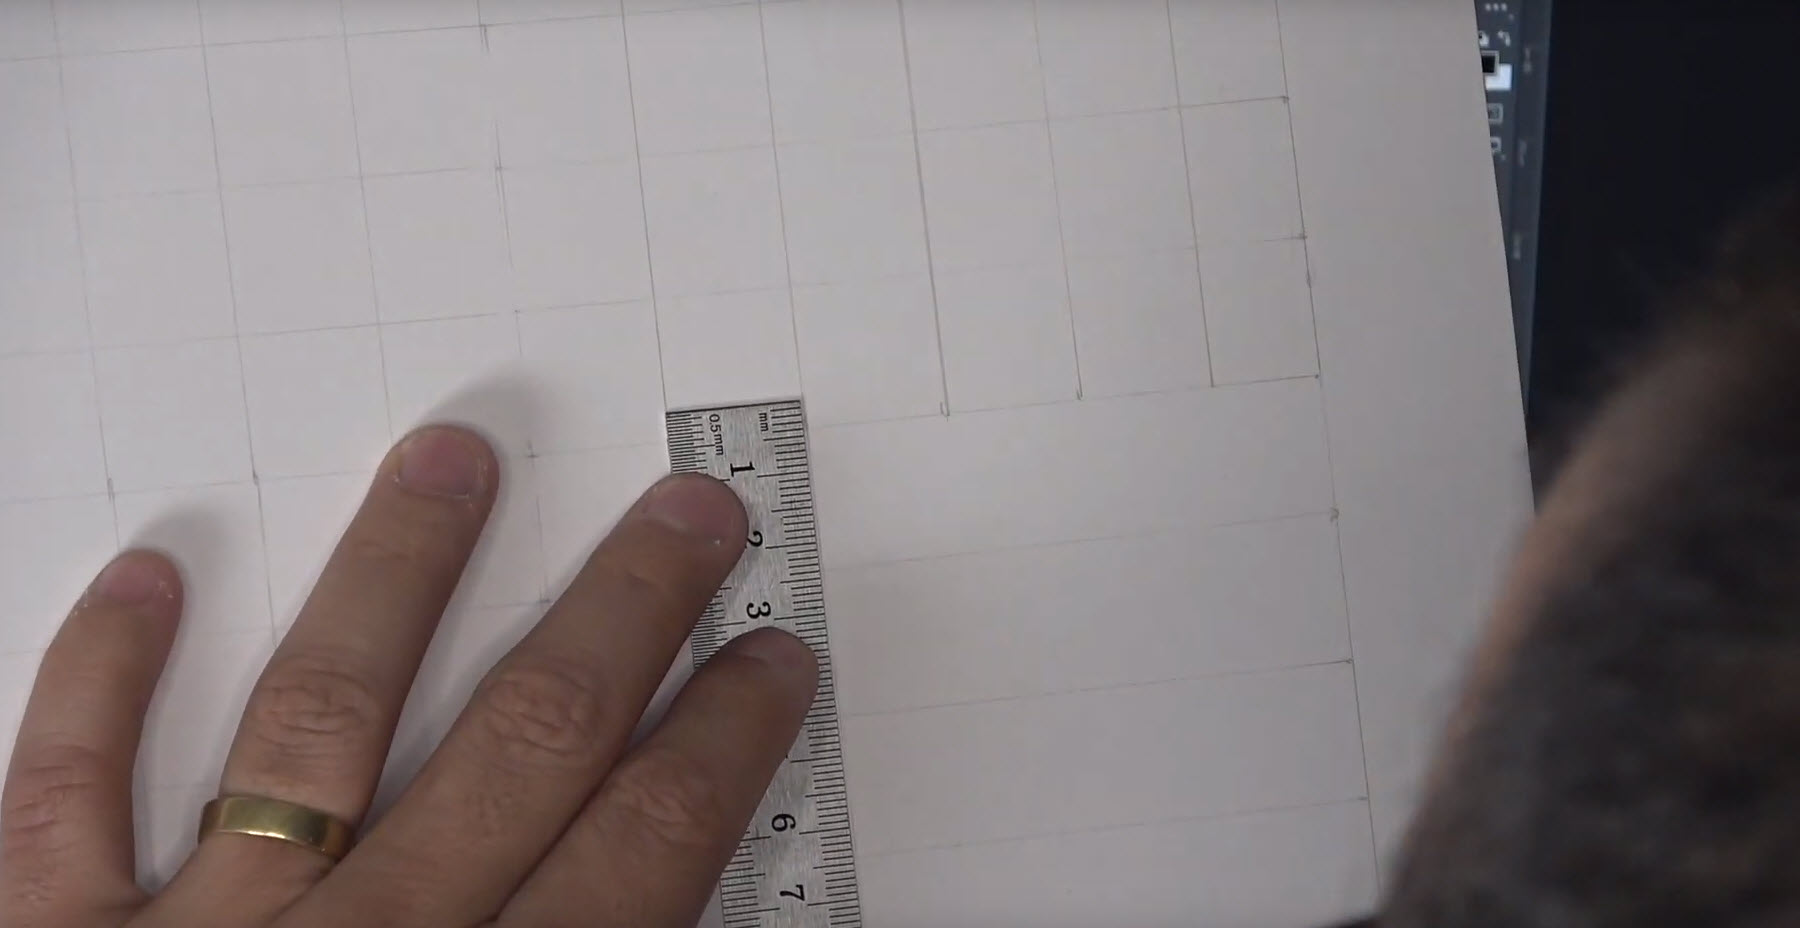 Grilla o cuadrícula en el dibujo – Usar o no usar